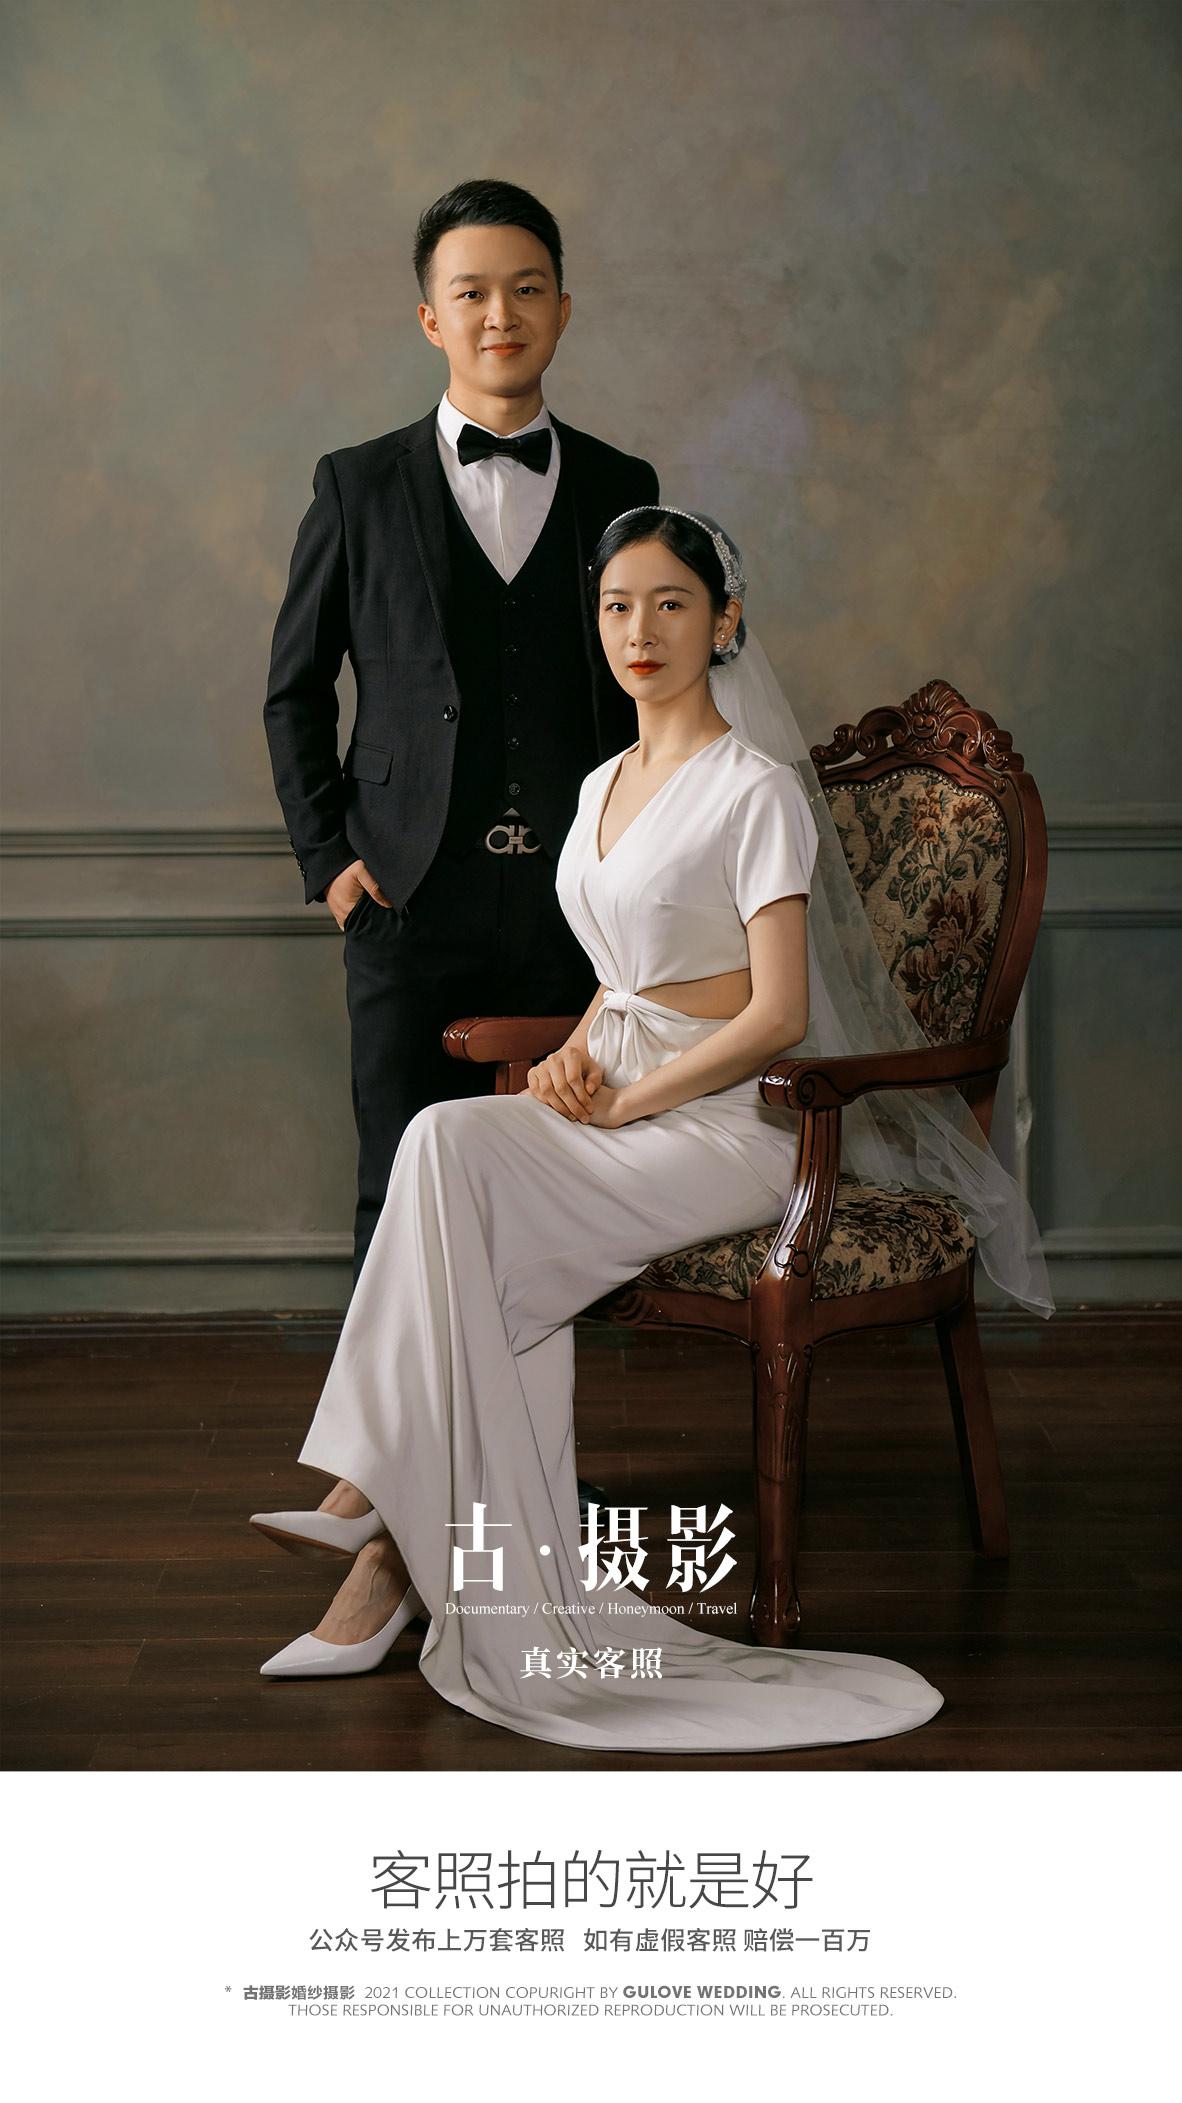 07月客照第一季 - 月度客照 - 古摄影婚纱艺术-古摄影成都婚纱摄影艺术摄影网